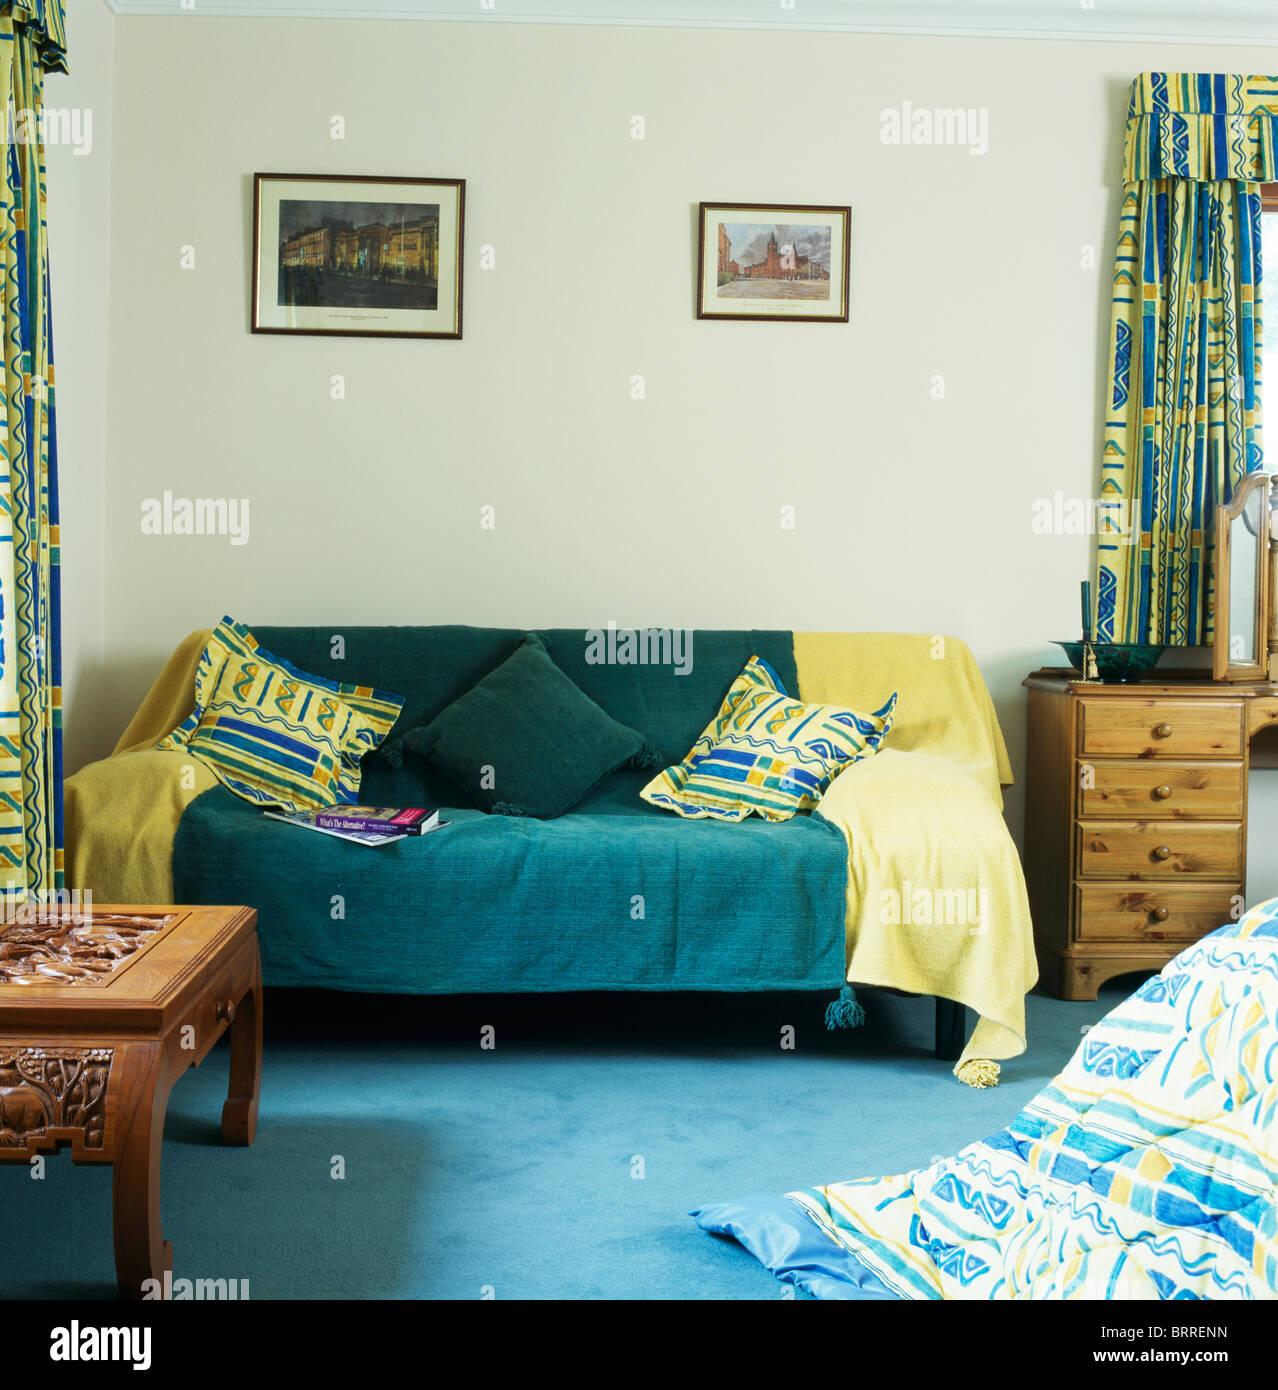 Le jaune et vert foncé sur jette canapé de style économie chambre ...